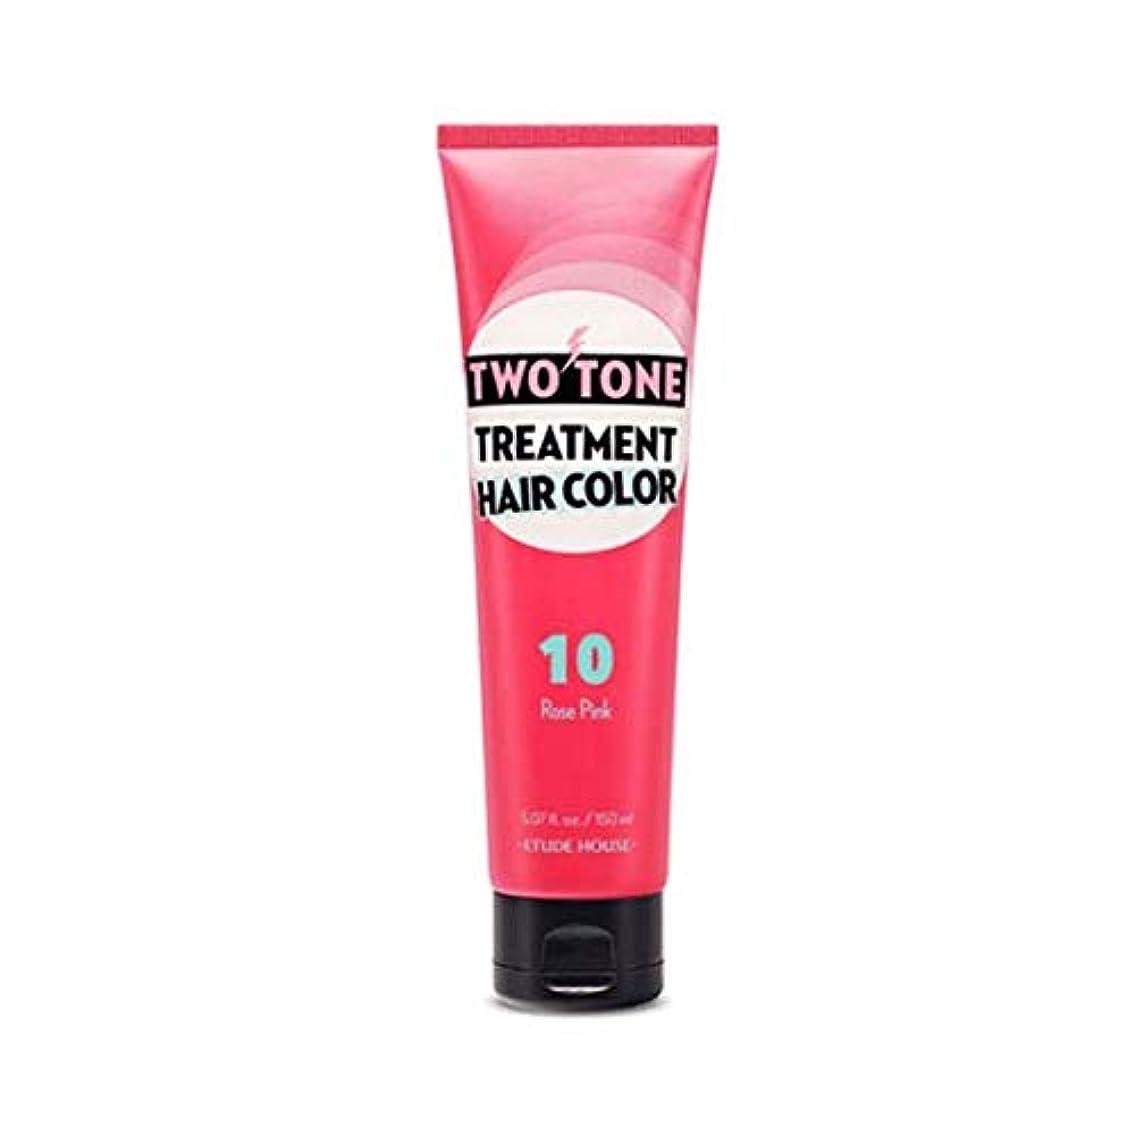 フィッティング時不透明なETUDE HOUSE Two Tone Treatment Hair Color *10 Rose Pink/エチュードハウス ツートントリートメントヘアカラー150ml [並行輸入品]